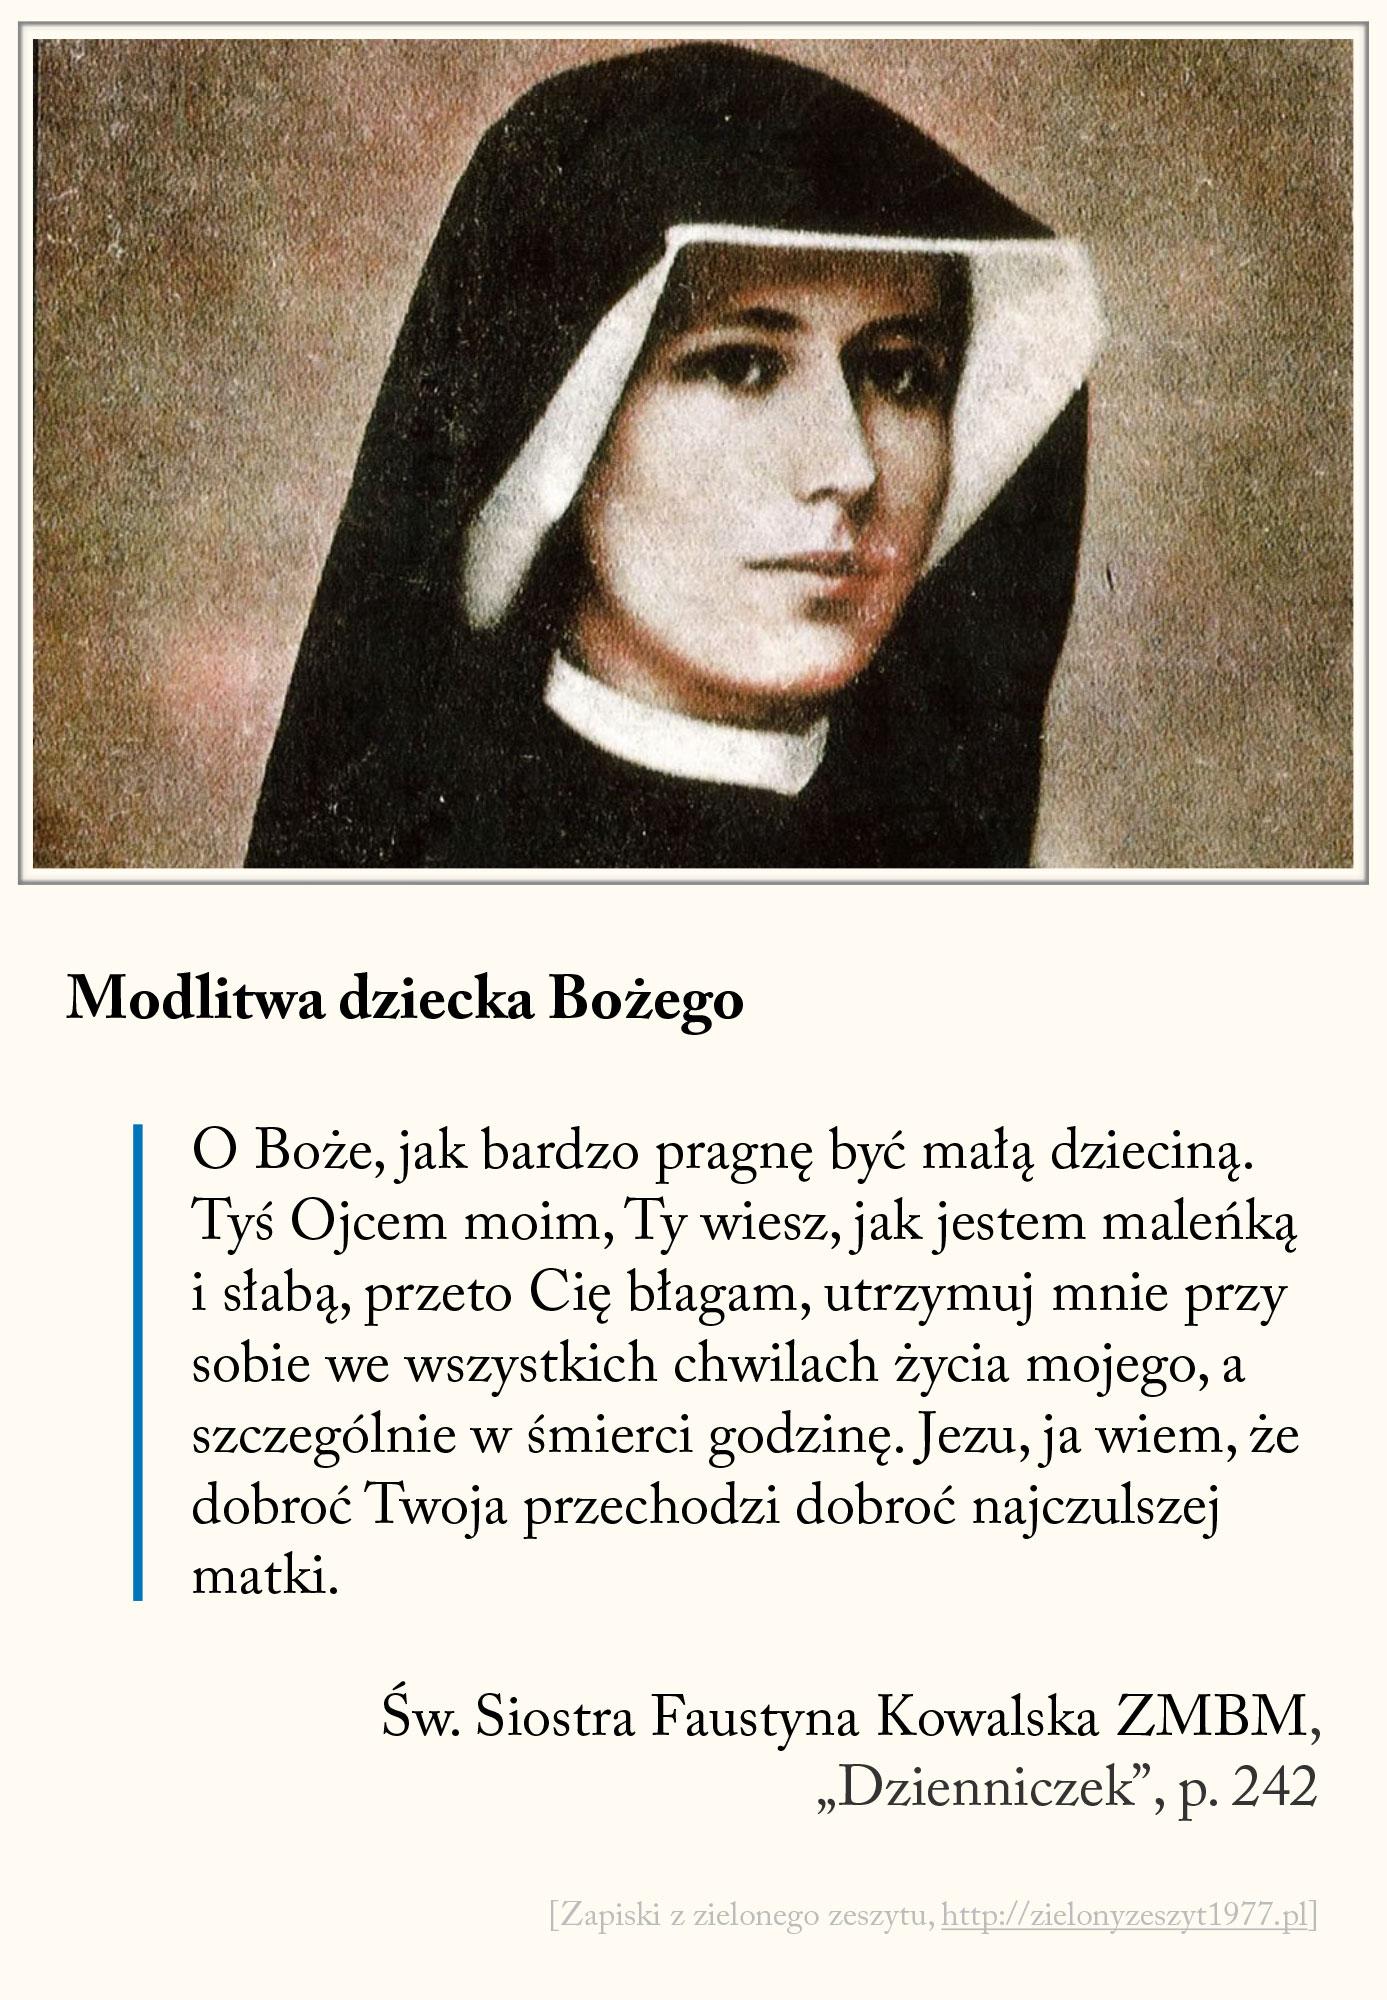 Modlitwa dziecka Bożego, św. Faustyna Kowalska, Dzienniczek